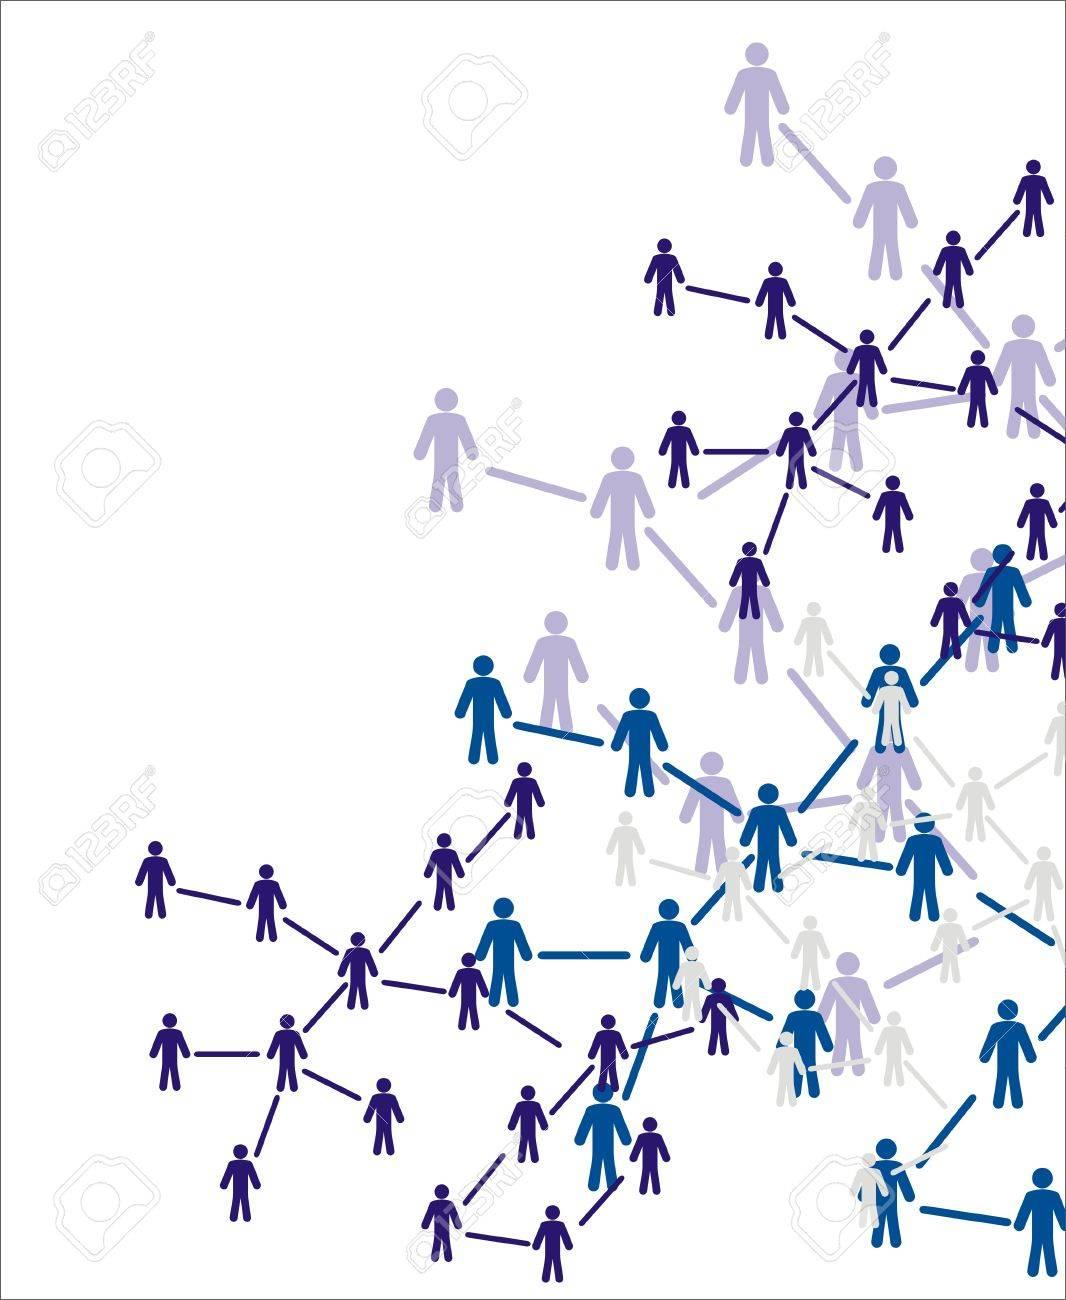 human figures Stock Photo - 12412679